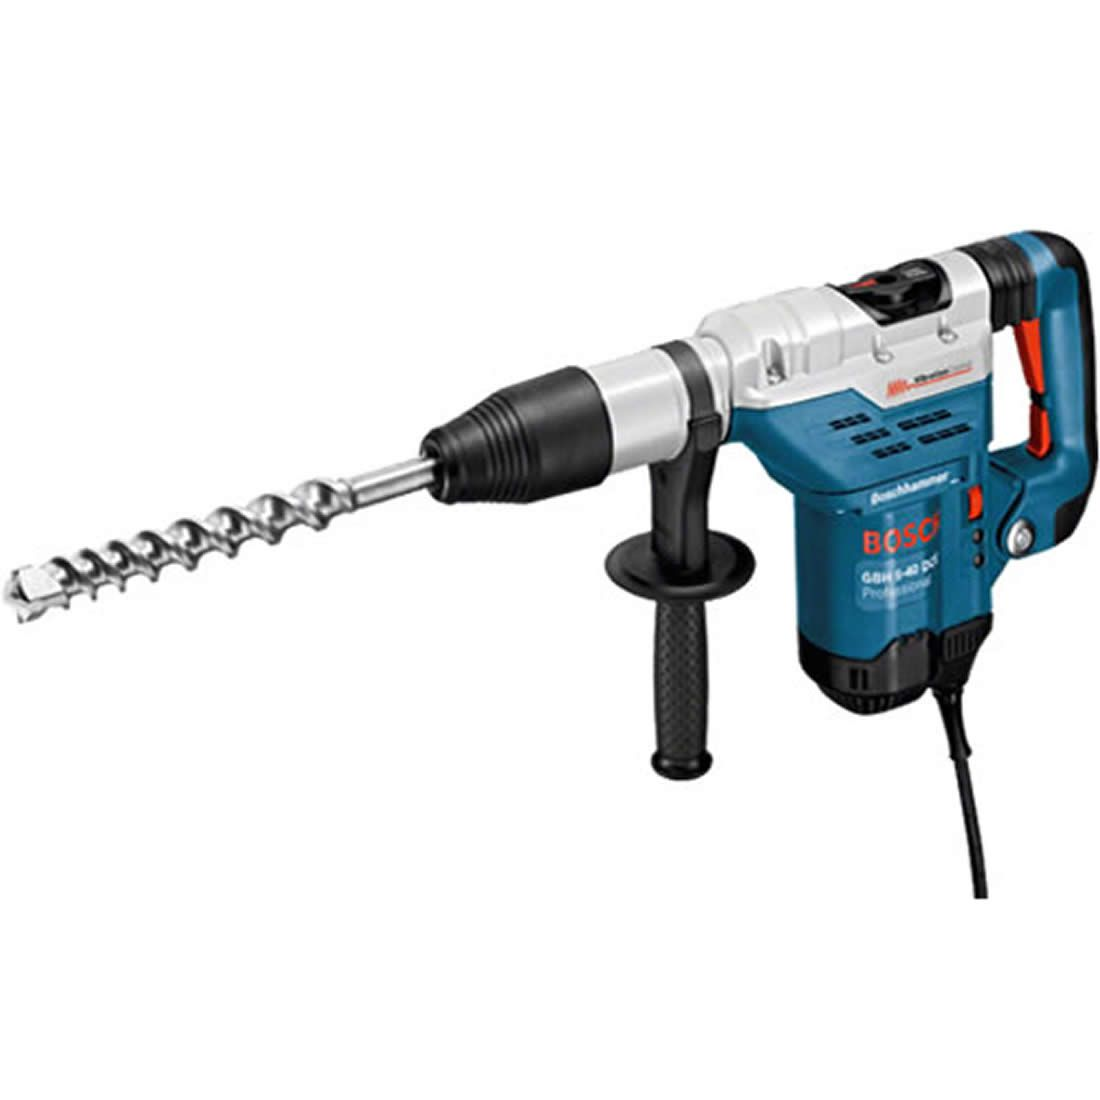 Martelete Bosch Perfurador Com SDS Max GBH 5-40 DCE Professional 1150W